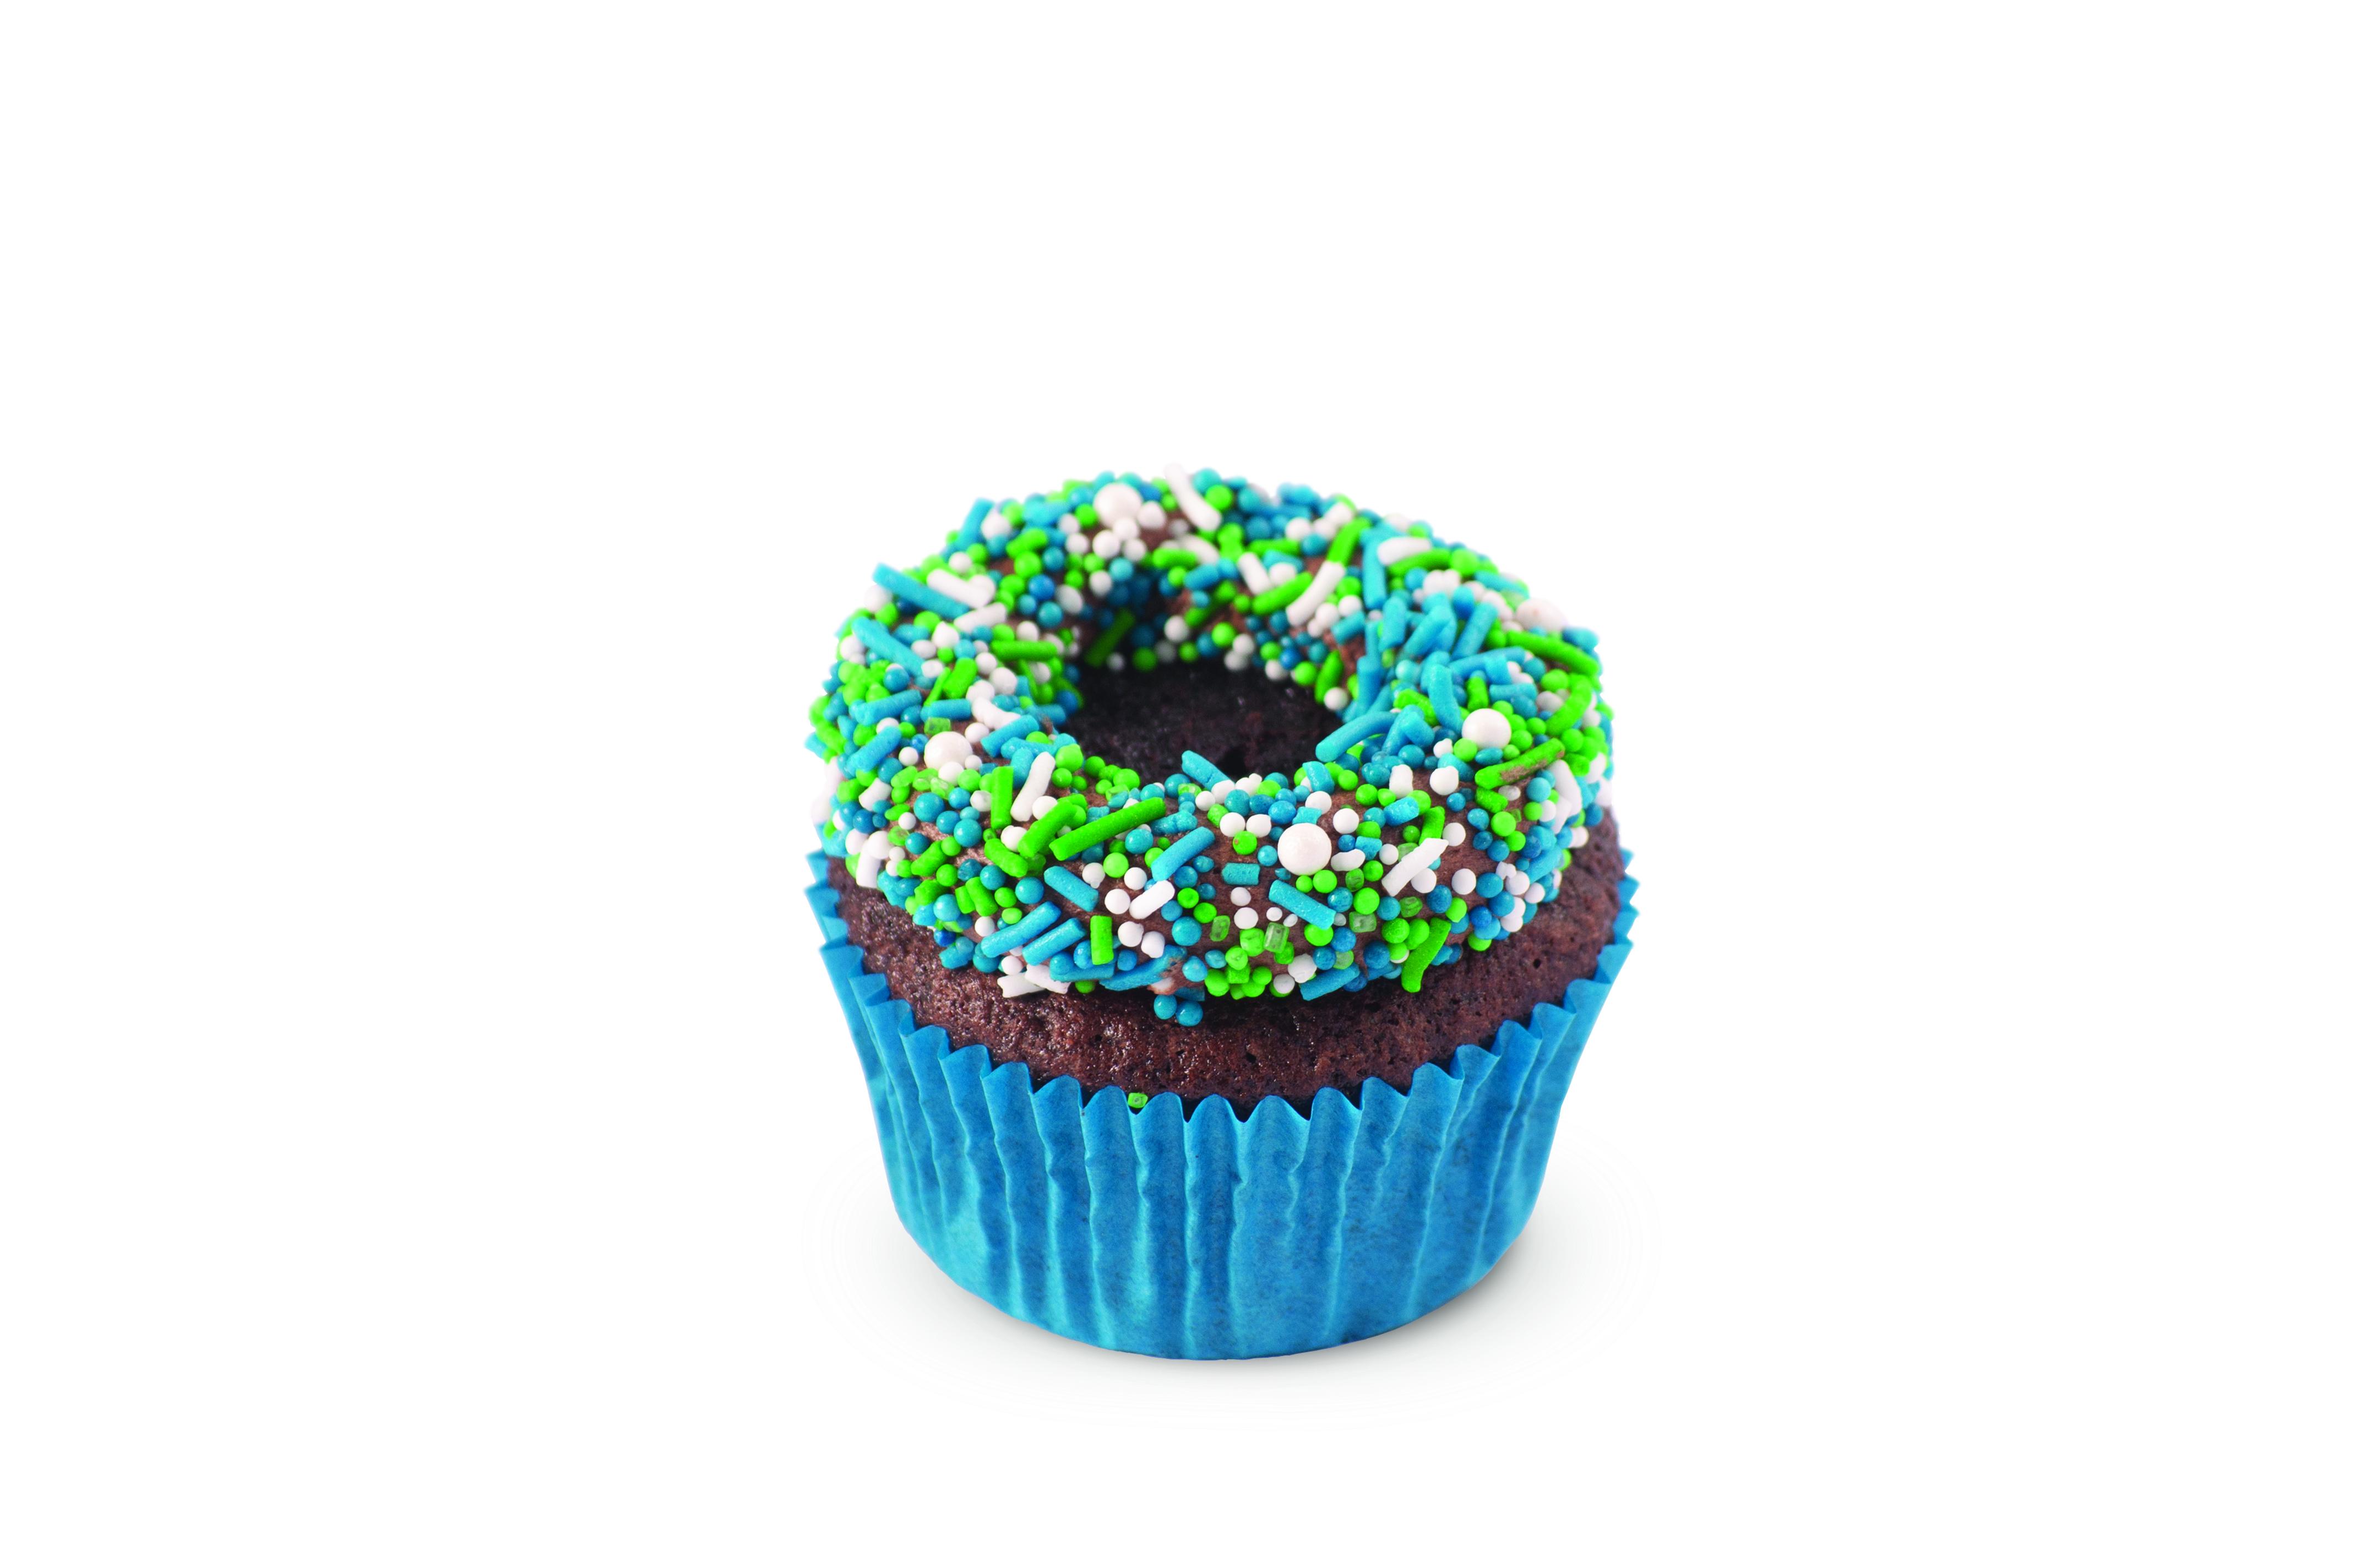 image-chocolate-cupcake.jpg